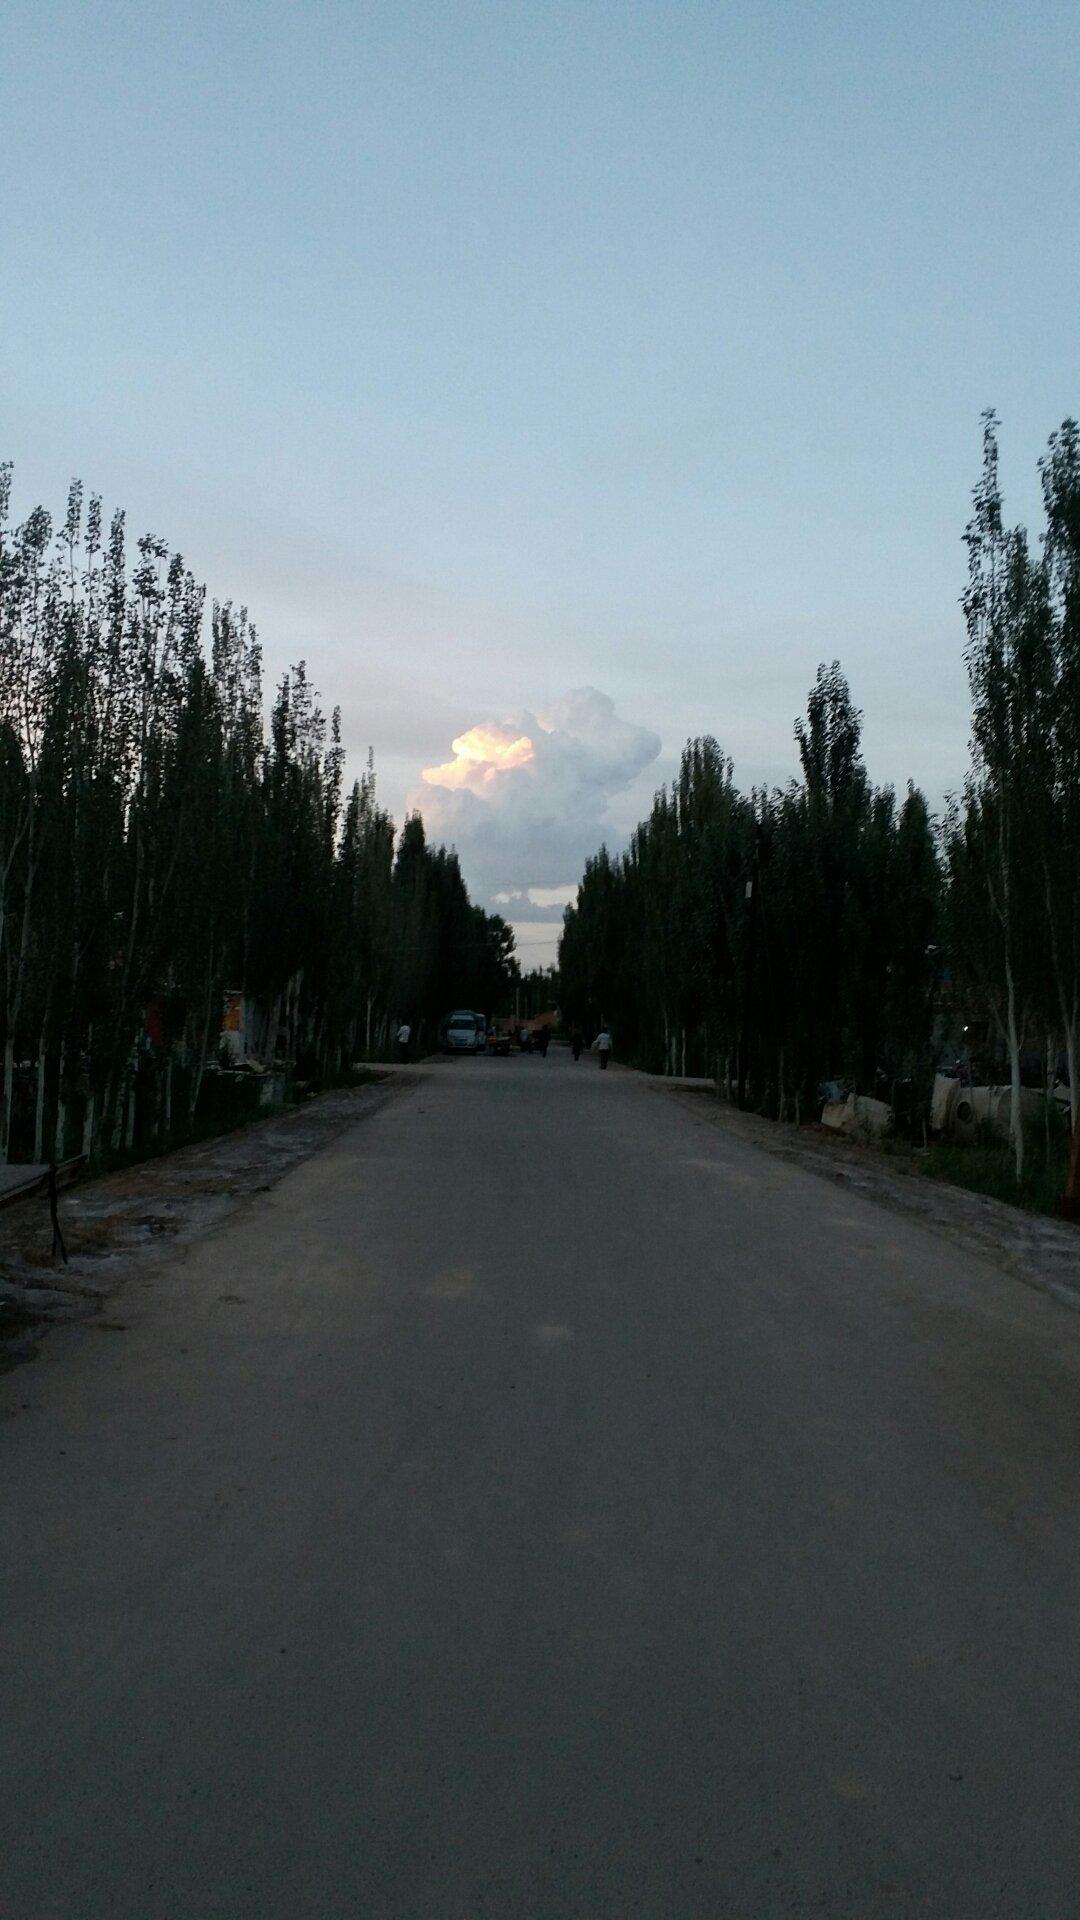 新疆维吾尔自治区阿克苏地区阿克苏市011县道靠近沃吐孜盖兰木天气预报